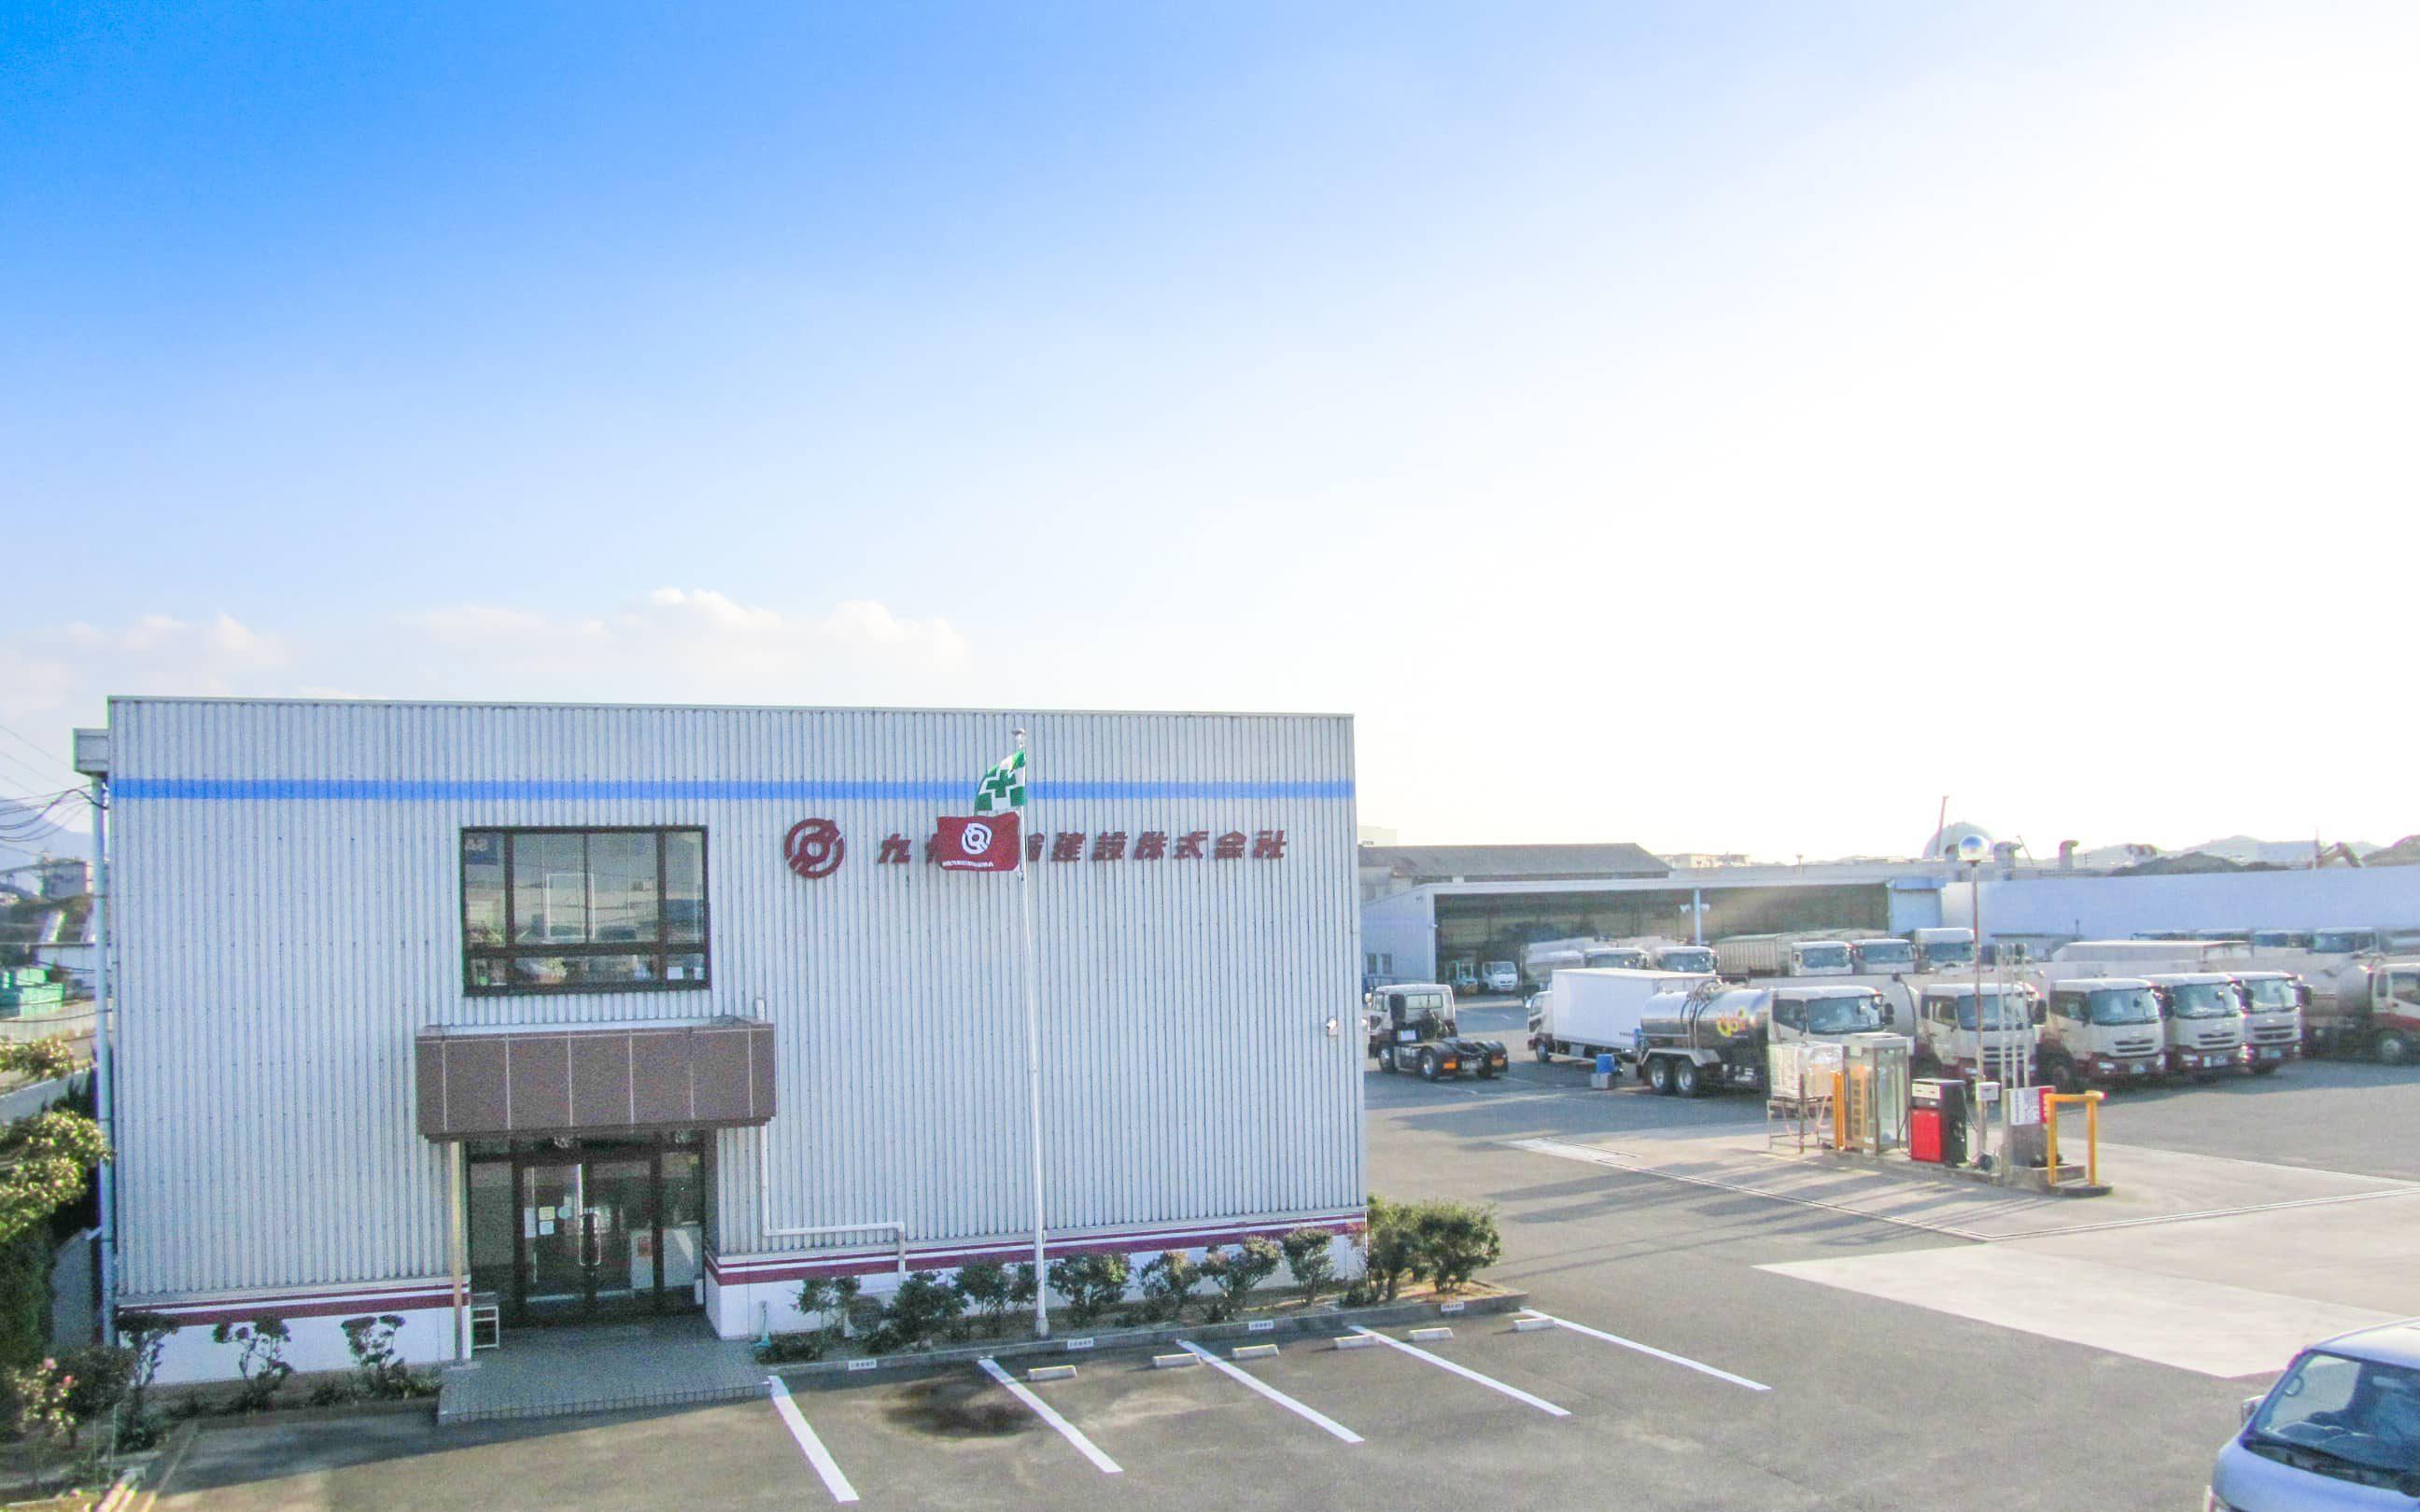 一般・産業廃棄物の運搬車の画像 九州運輸建設株式会社 北九州市